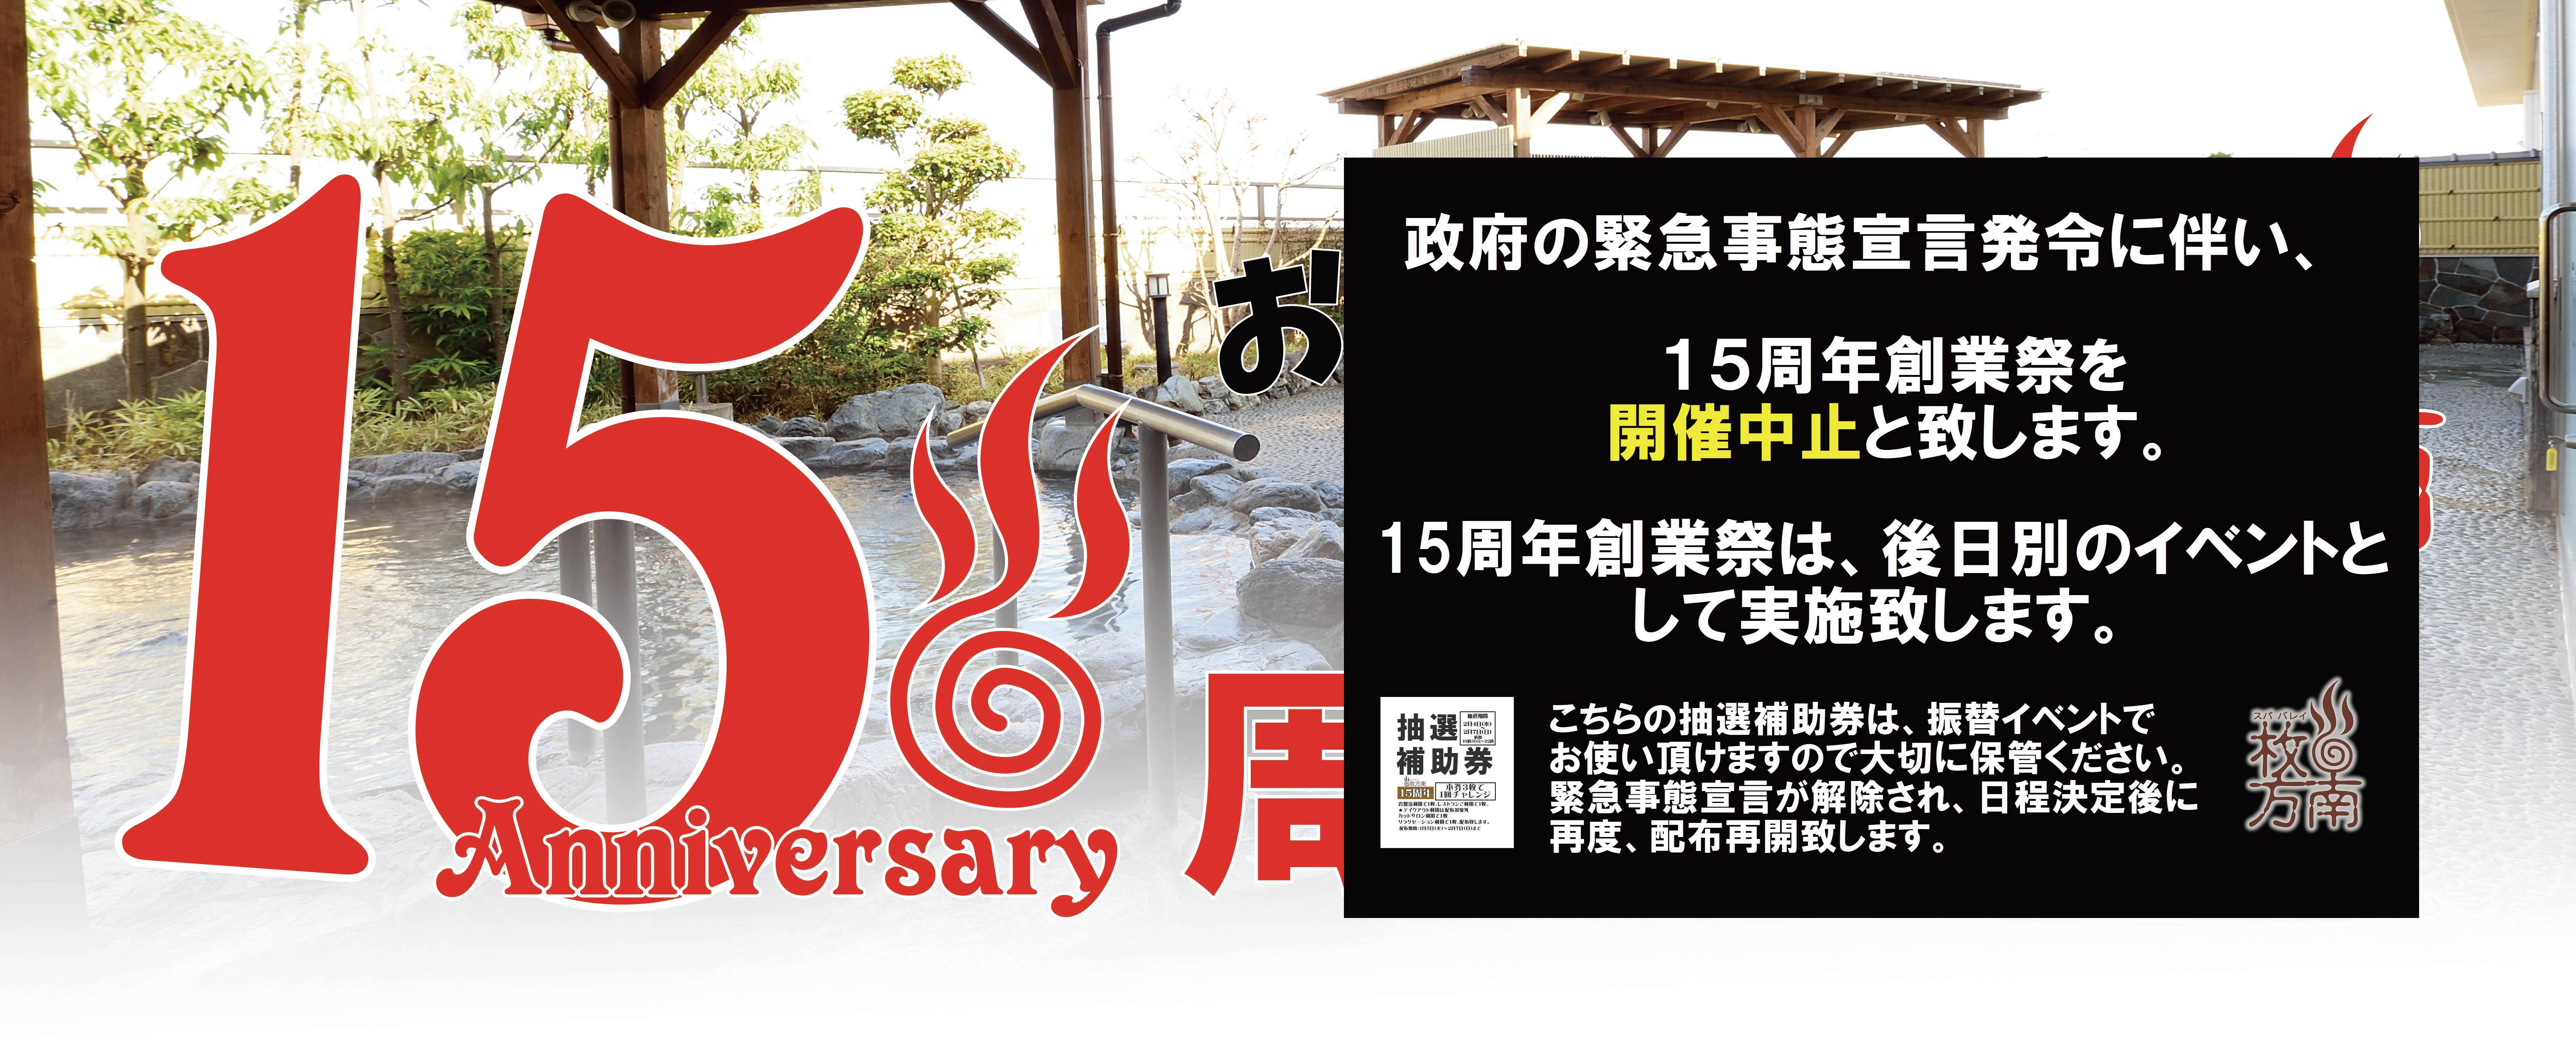 15周年創業祭開催(延期)!